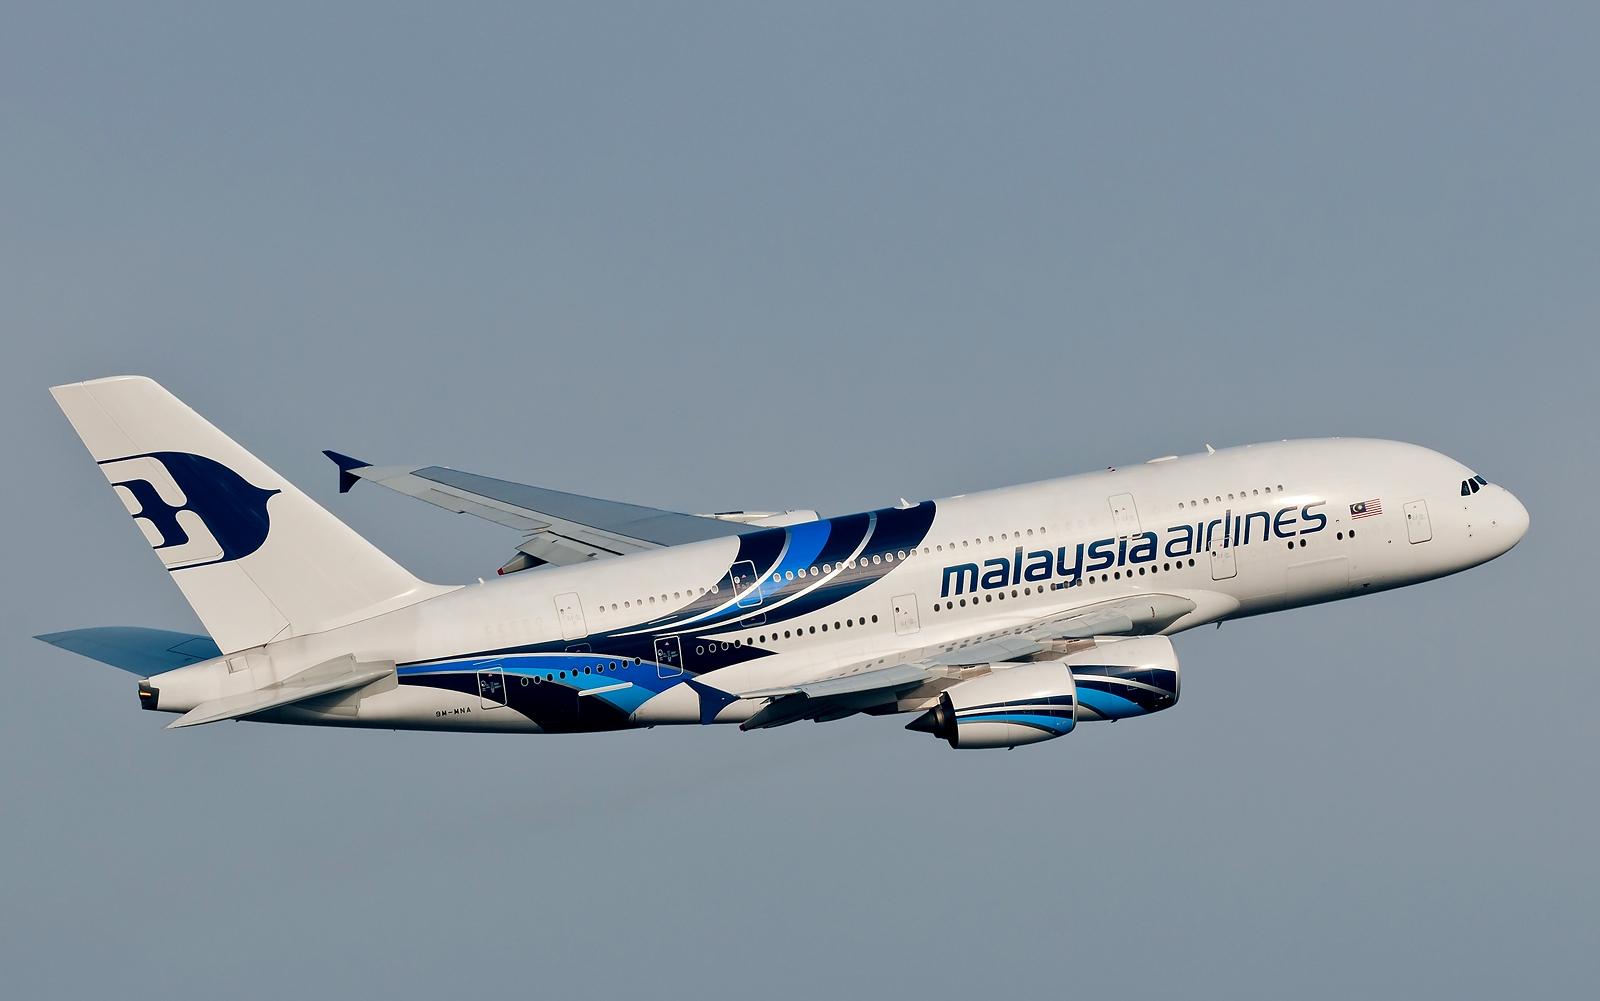 airbus a380 malaysia airlines a380 malaysia airlines a380 airbus 1600x1001